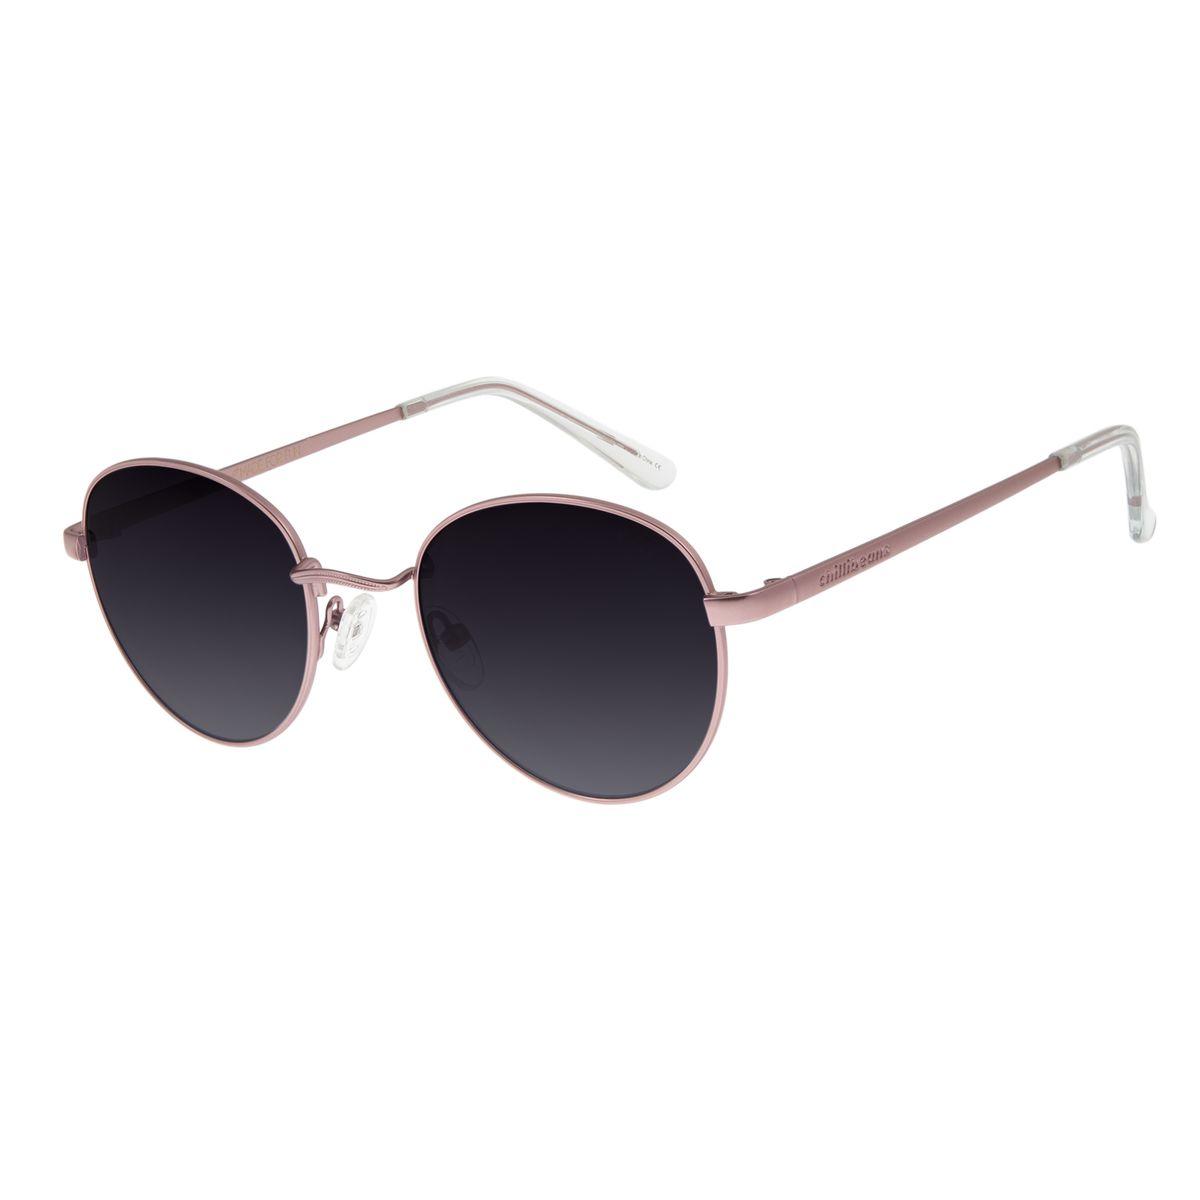 b9adccfc4 Óculos De Sol Chilli Beans Unissex Metal Redondo Rosé Degradê 2517 -  OC.MT.2517.2095 M. REF: OC.MT.2517.2095. OC.